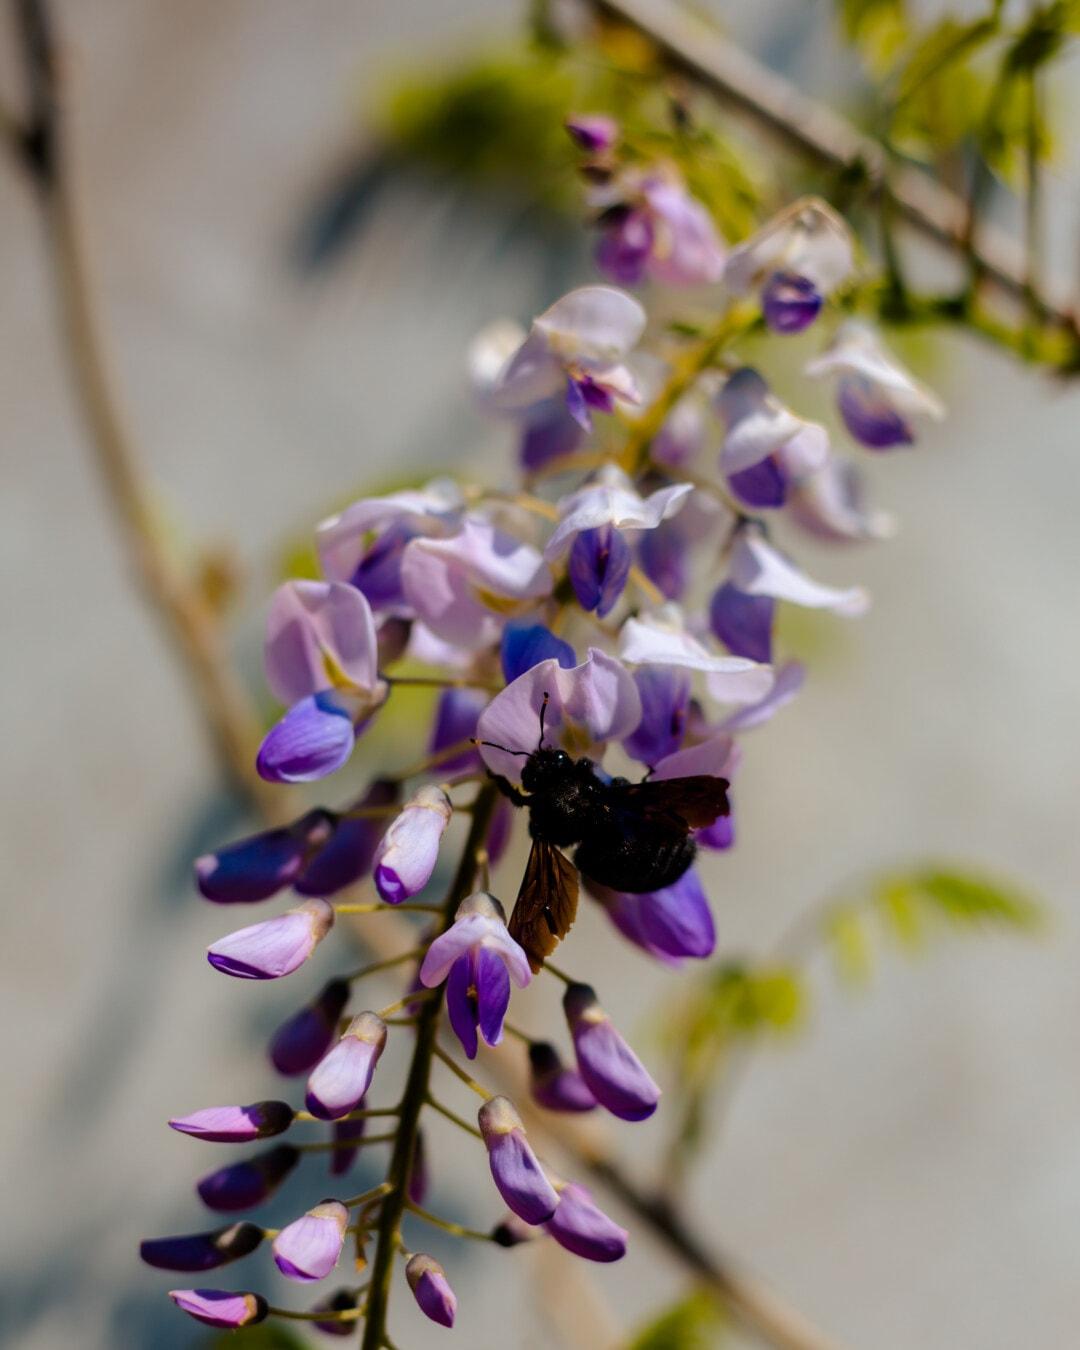 Bourdon, Acacia pycnantha, printemps, violacé, fleurs, feuille, nature, arbuste, flore, plante